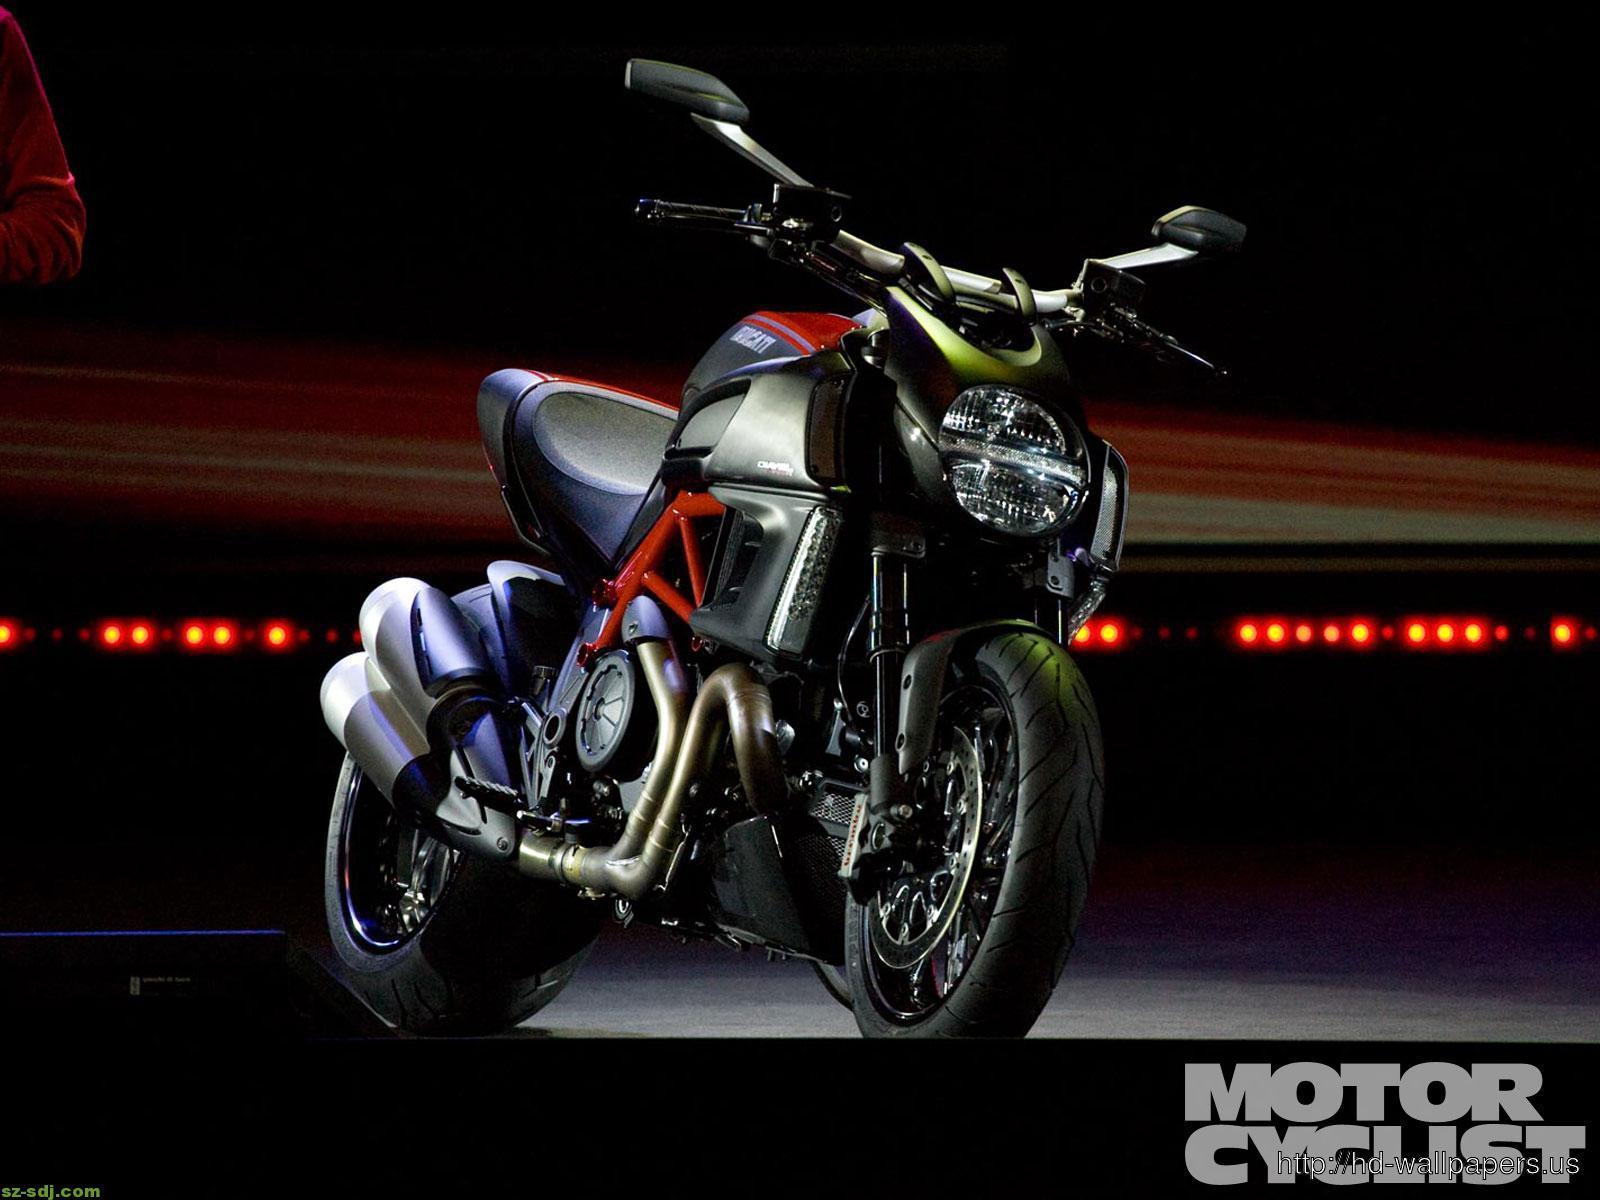 Ducati Diavel Motosport Wallpaper Hd Free Download HD Wallpapers